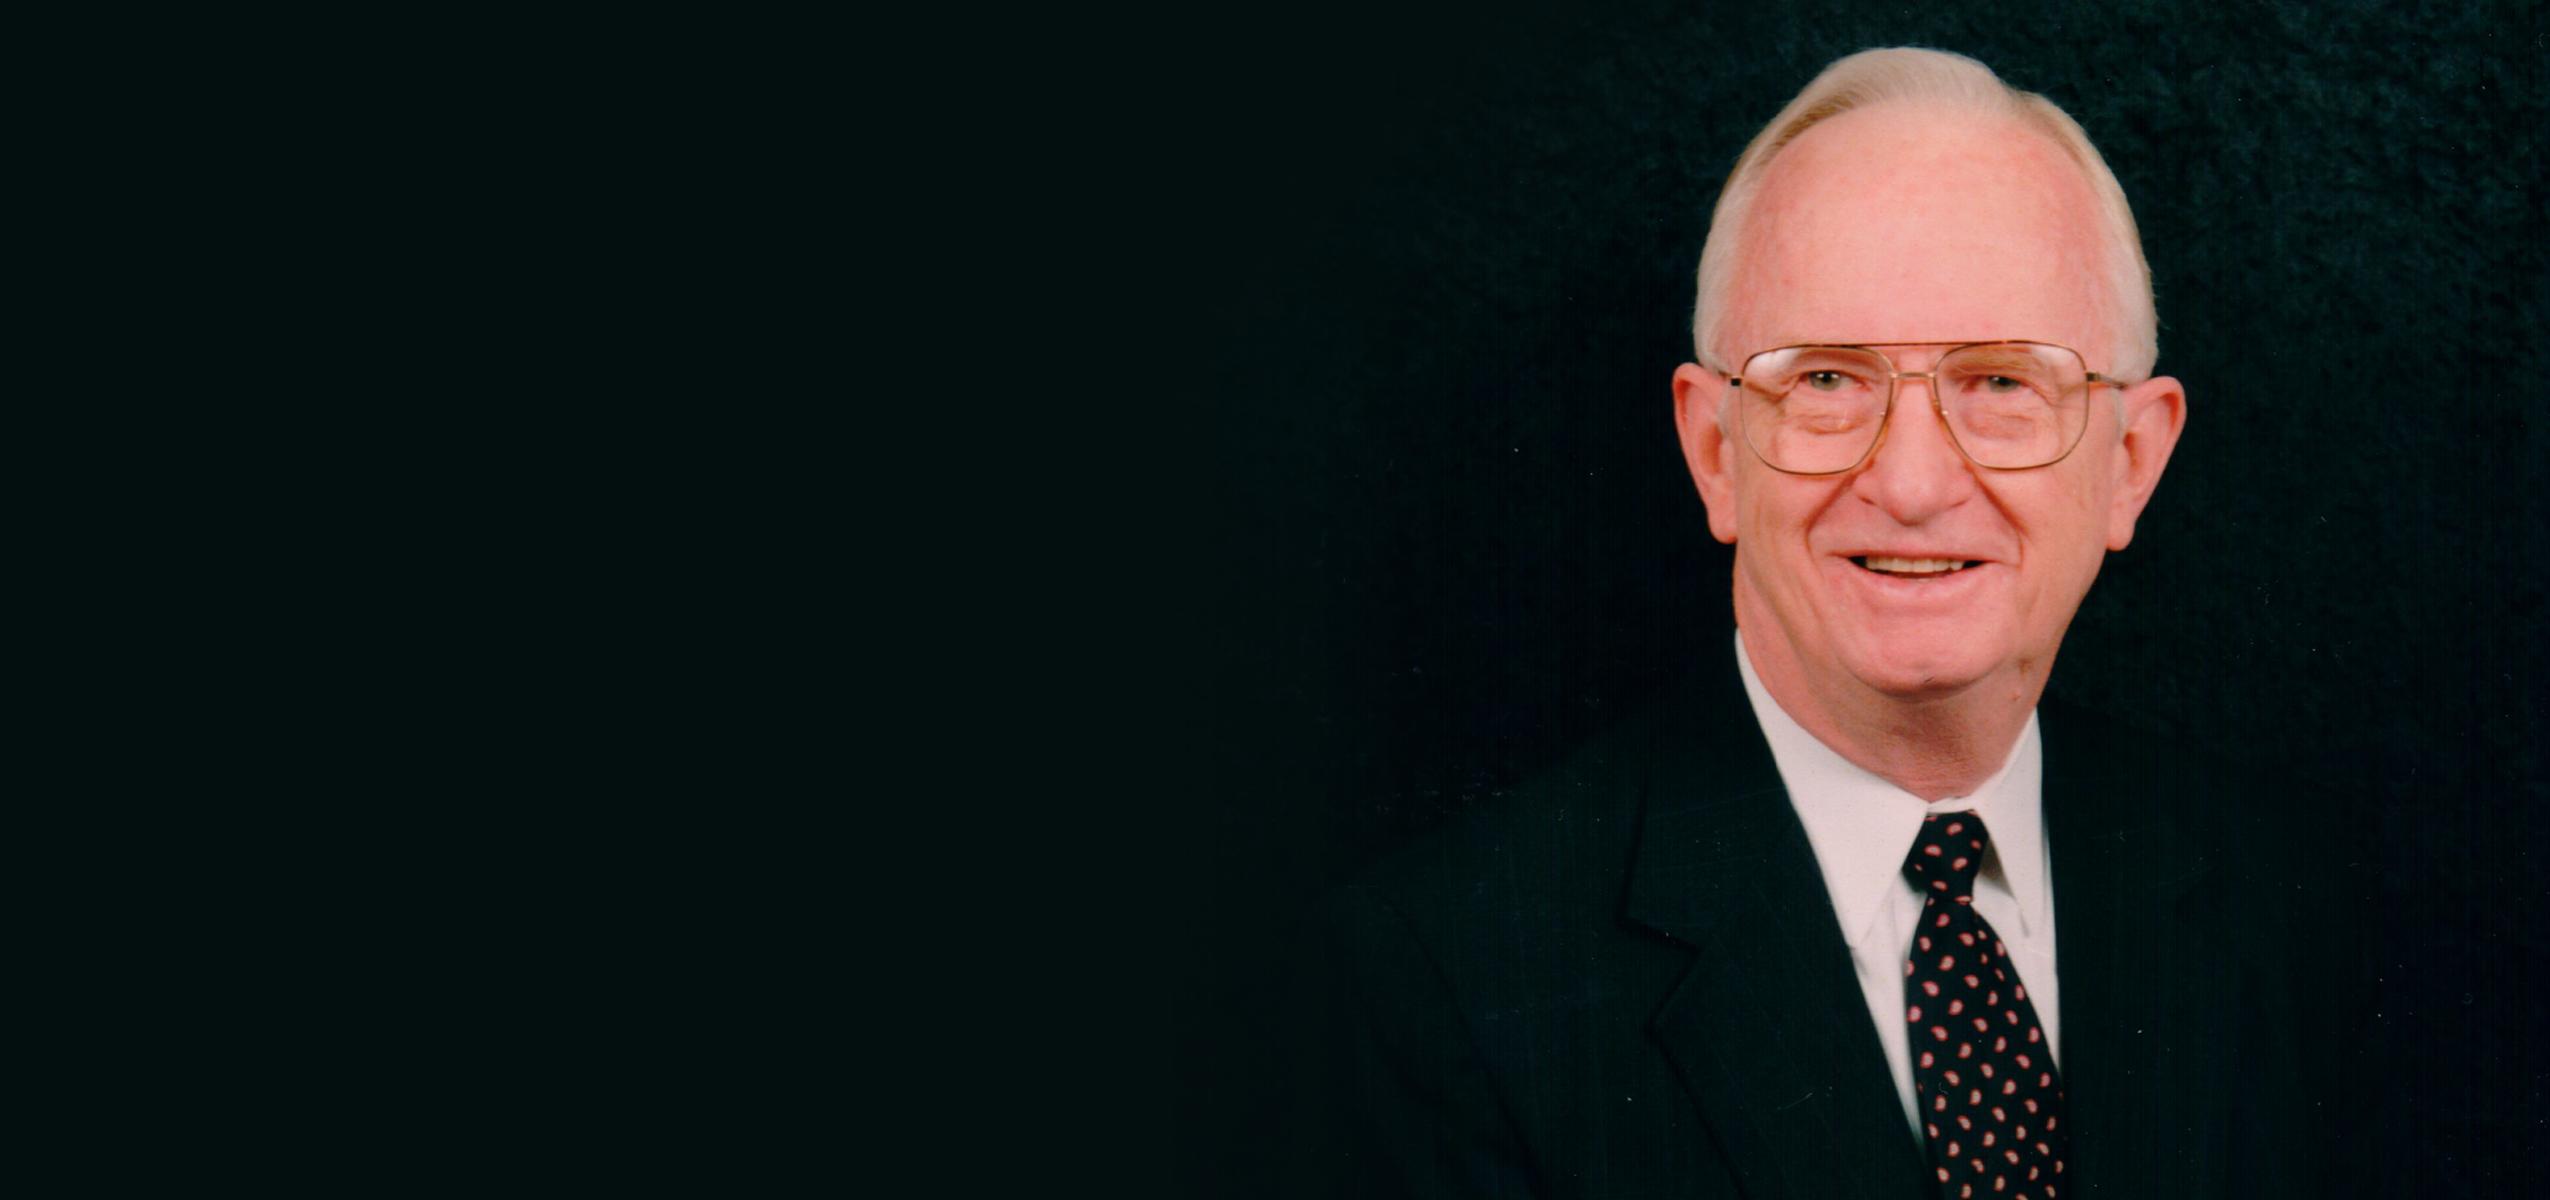 AMD Announces Billy D. Murray Harvest Scholarship